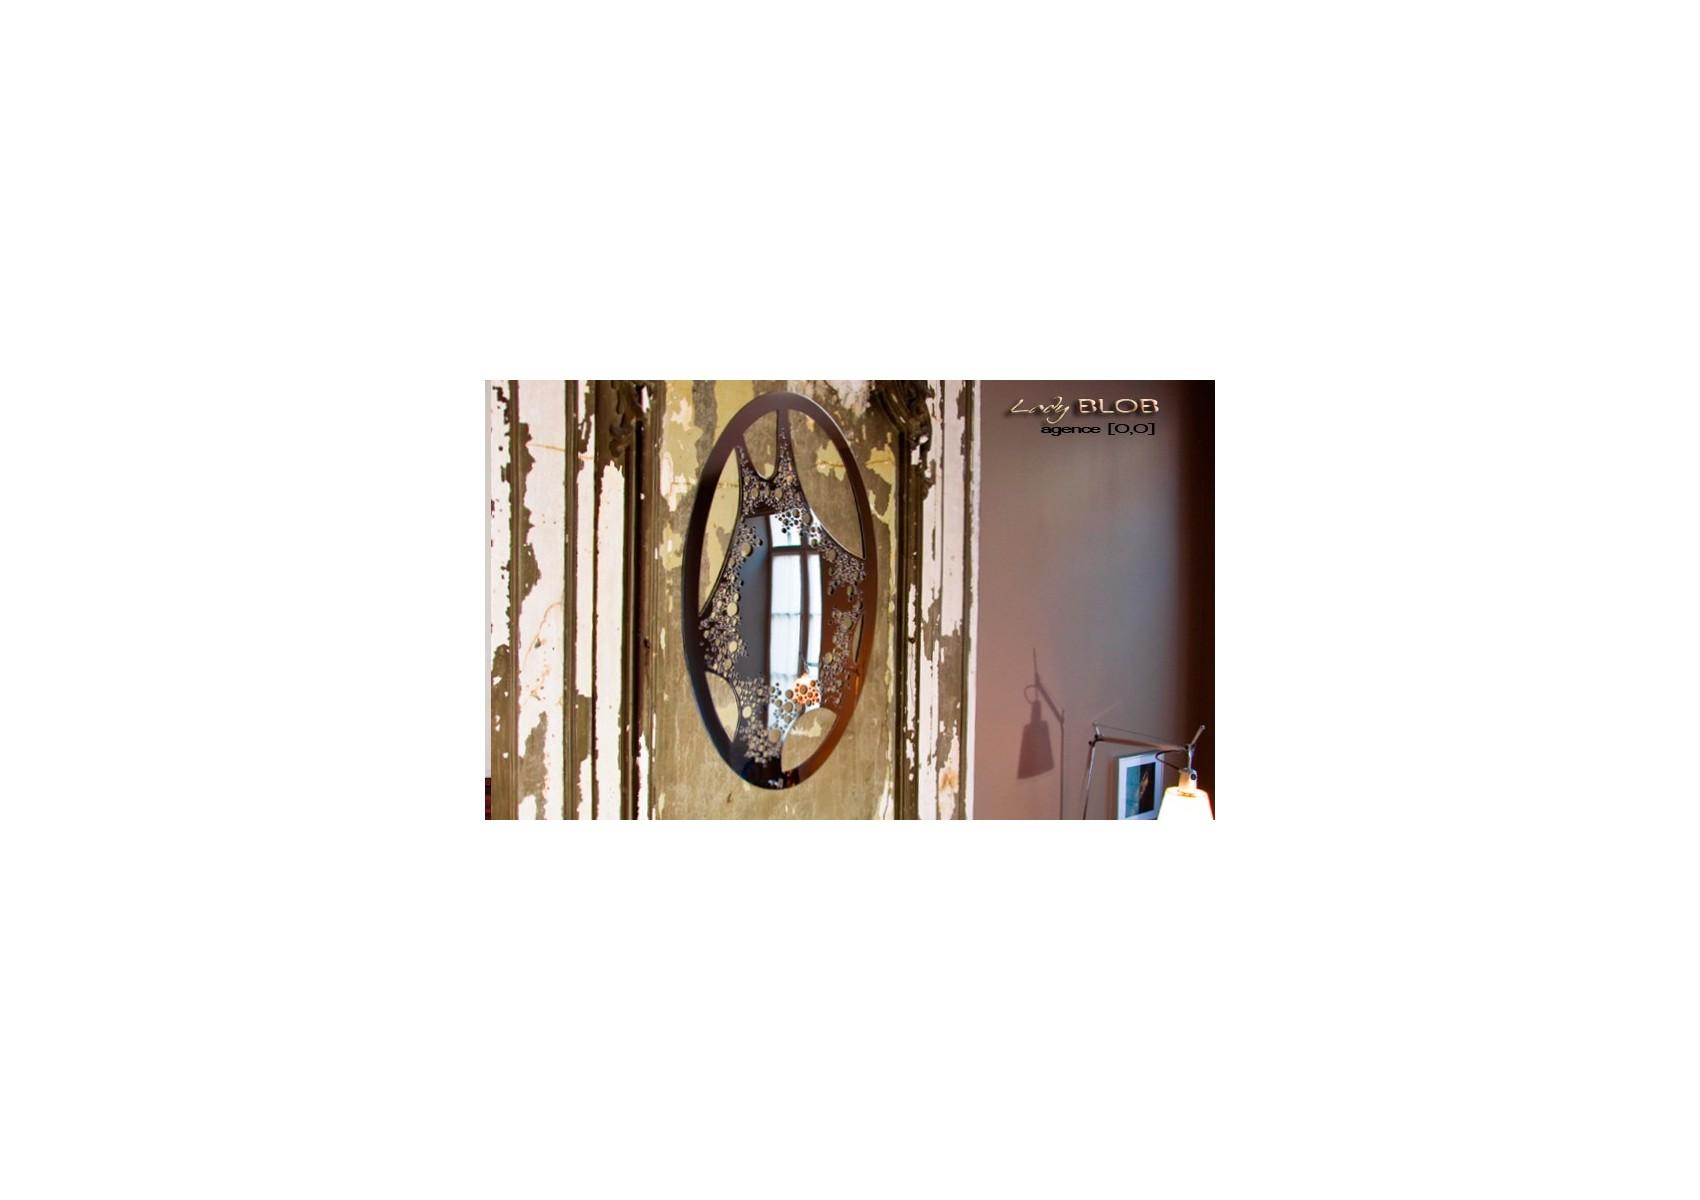 Miroir design- Lady Blob